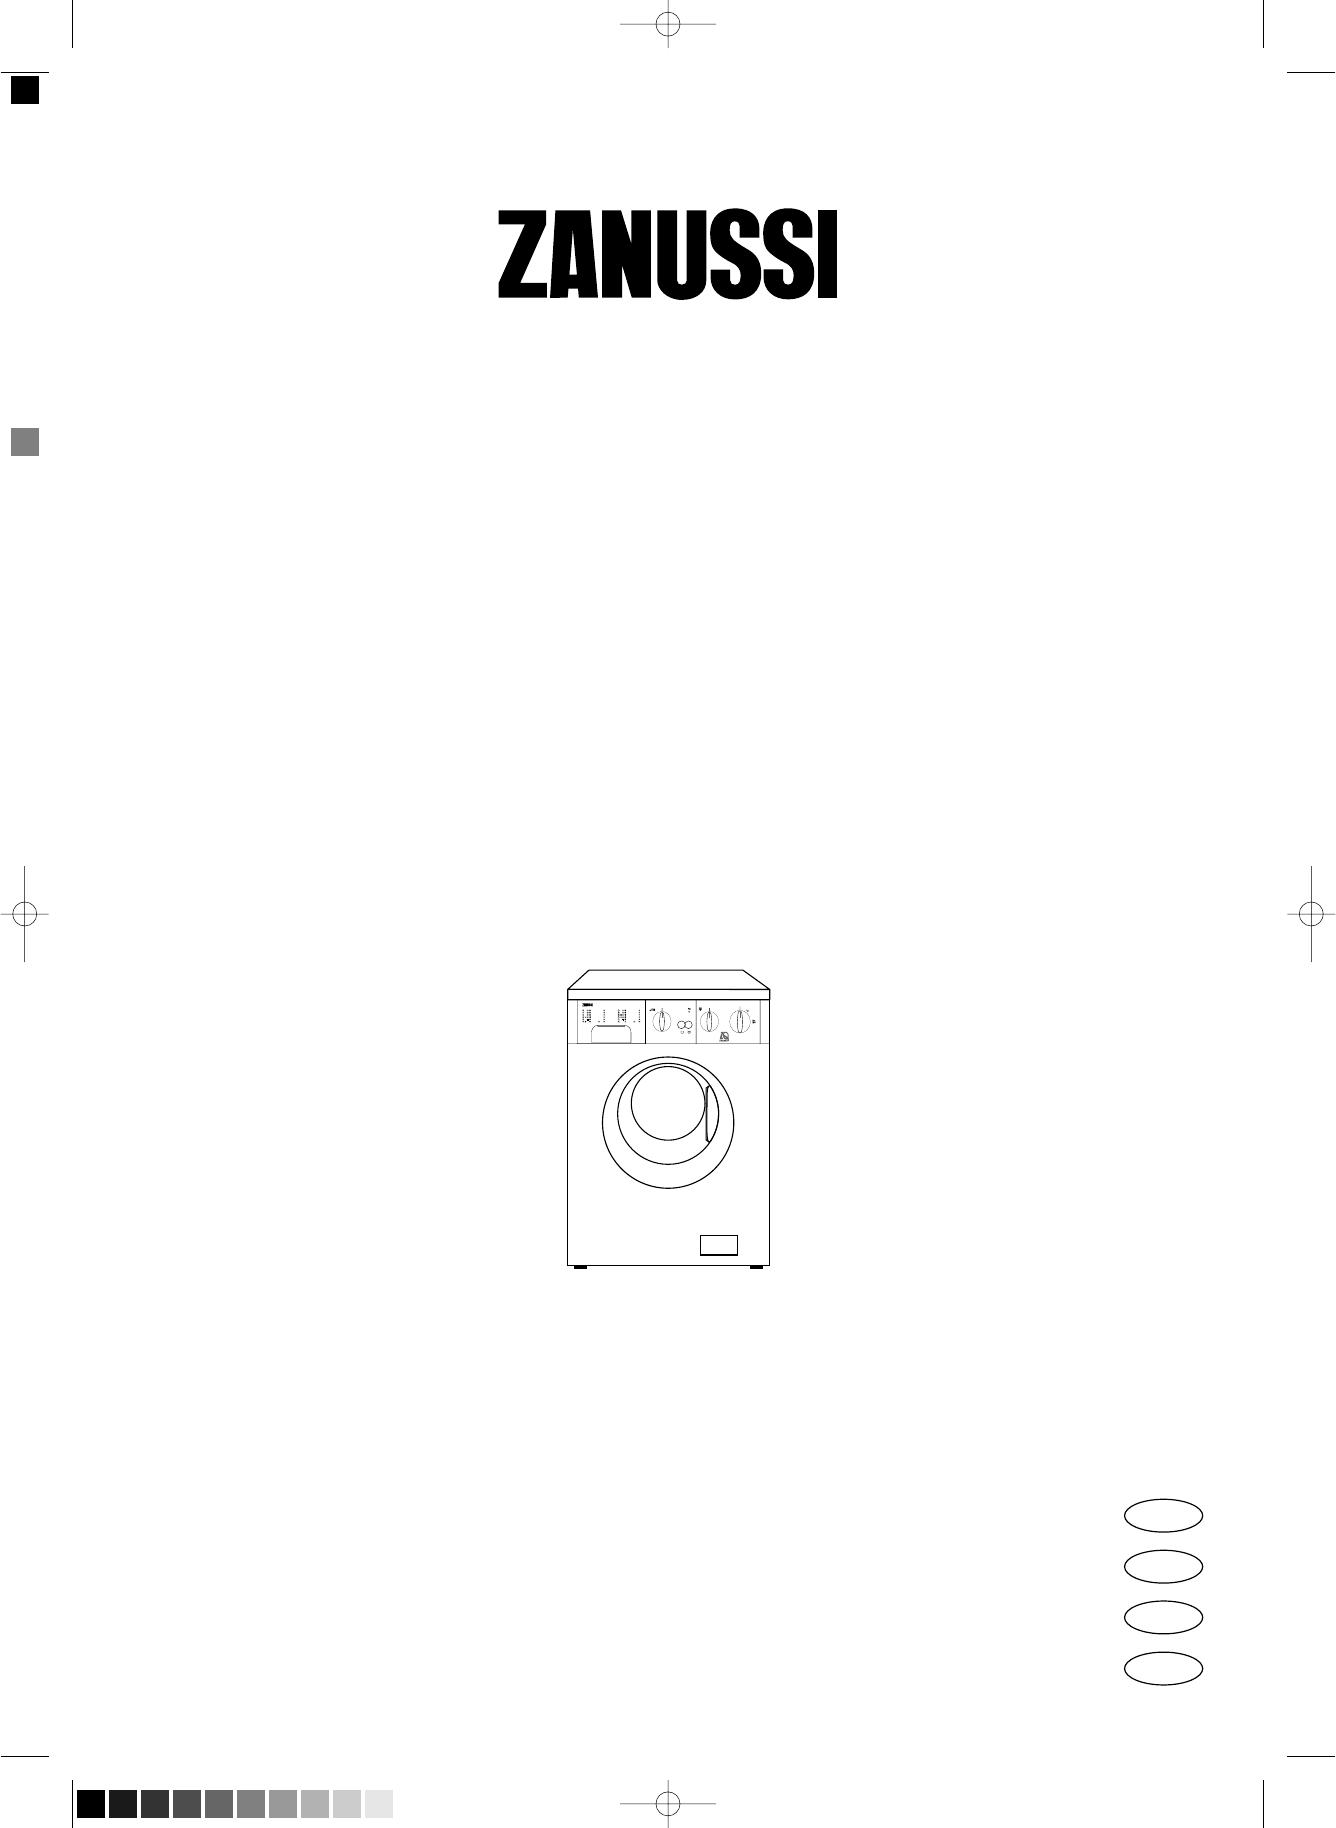 Zanussi aquacycle 1000 инструкция